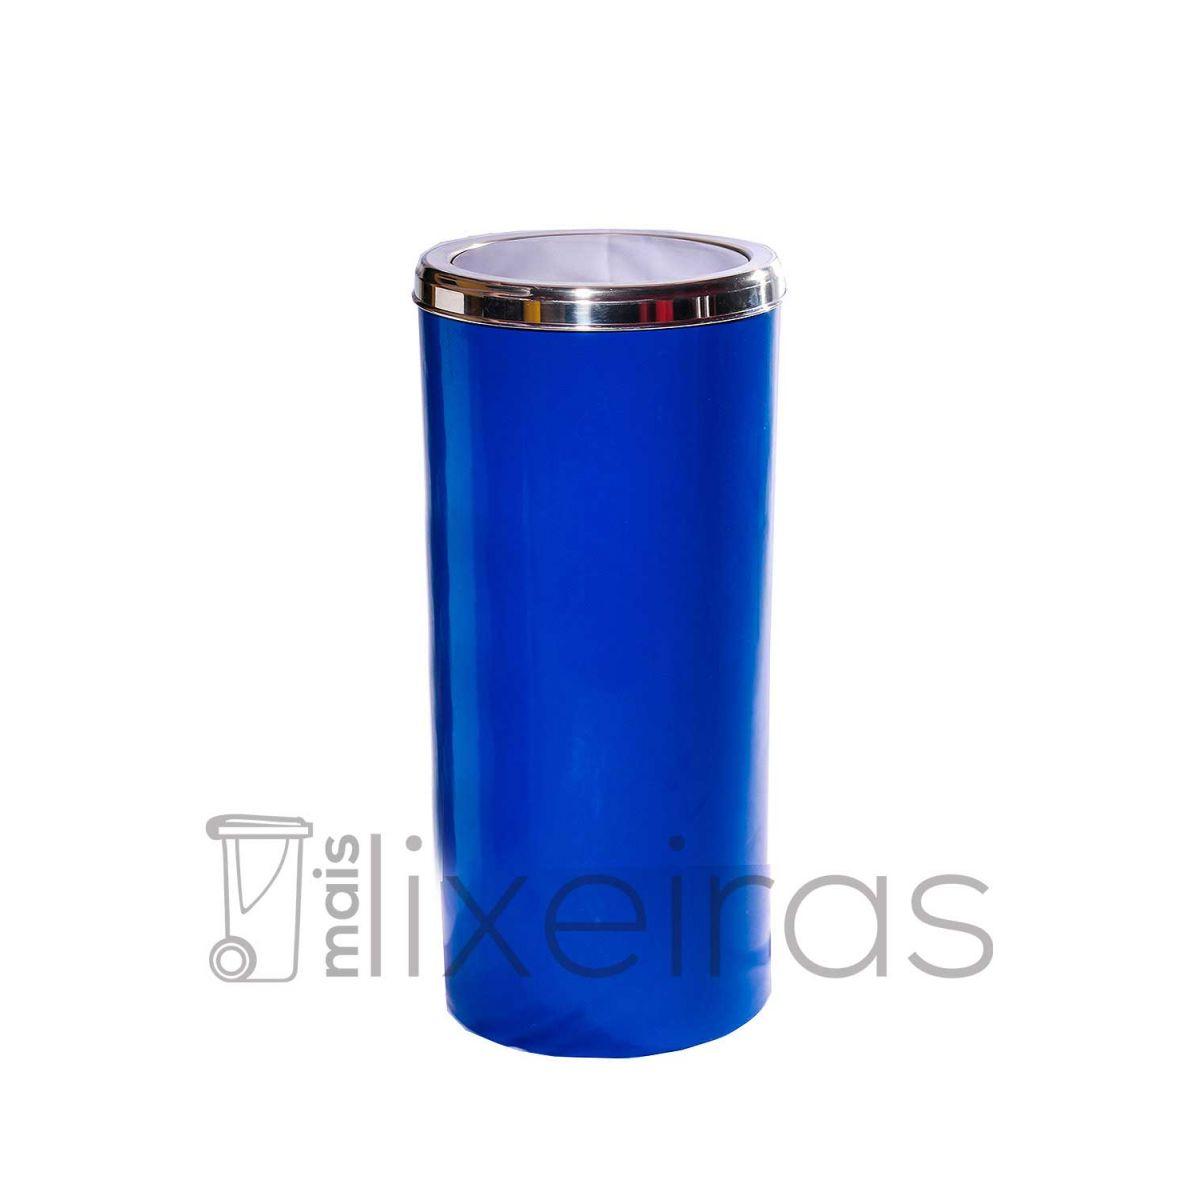 Lixeira com corpo colorido e tampa em aço inox- 25 litros